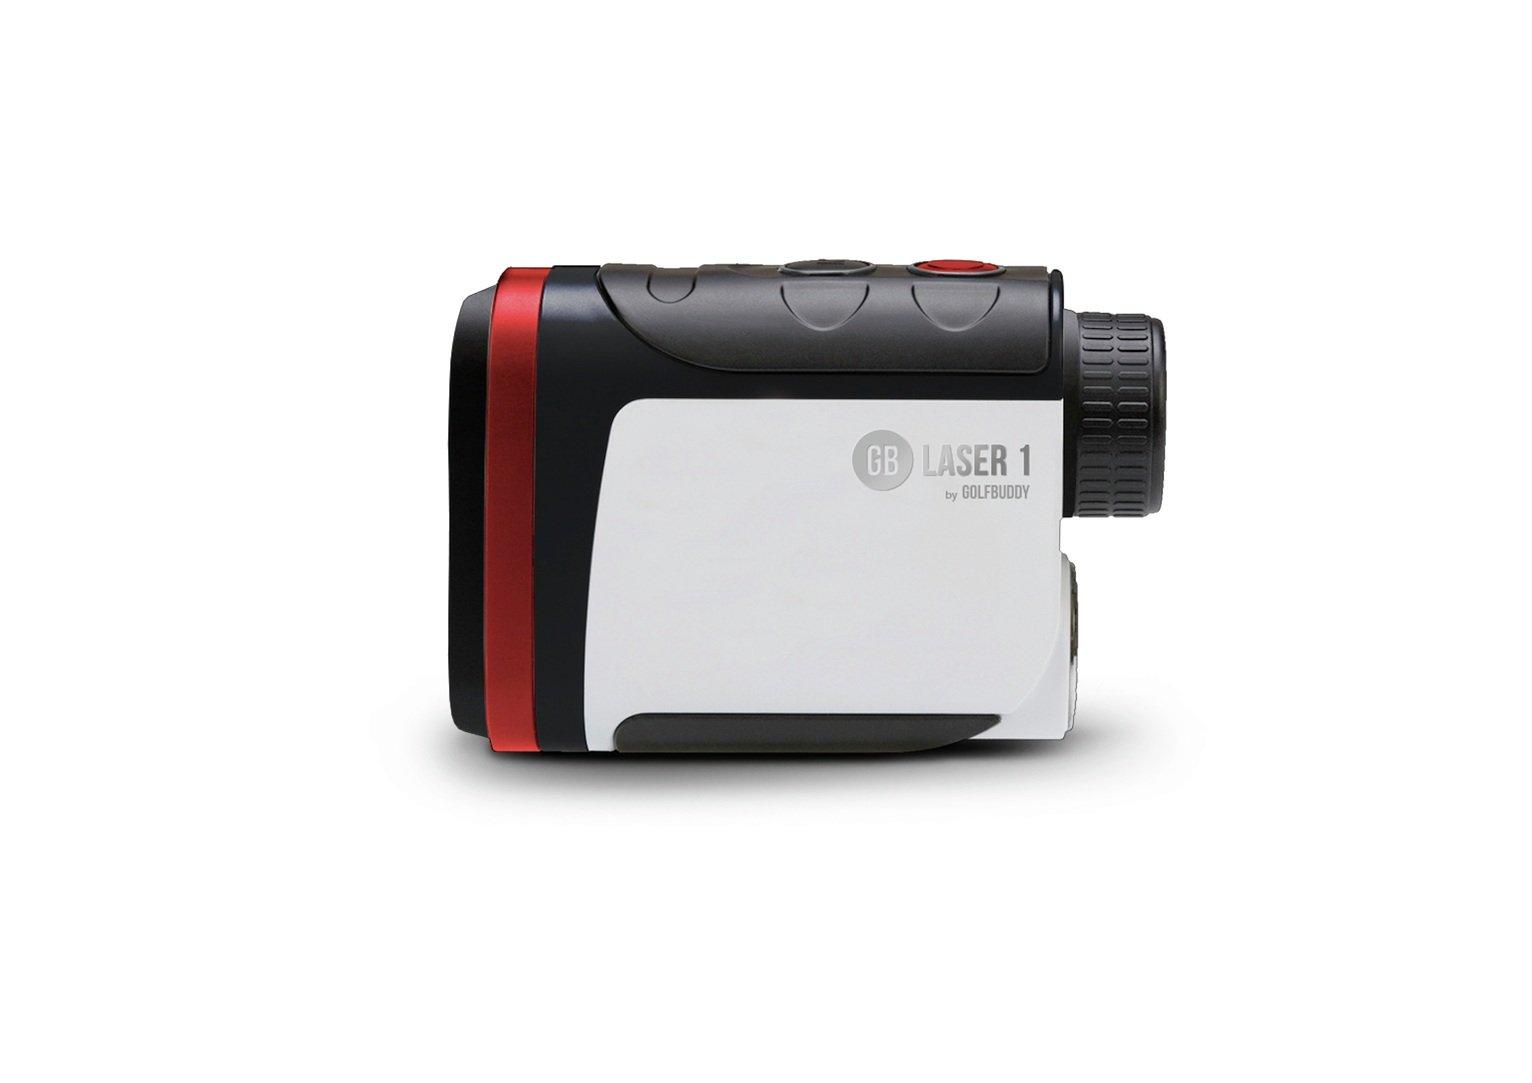 GolfBuddy Laser 1S Golf Laser Rangefinder